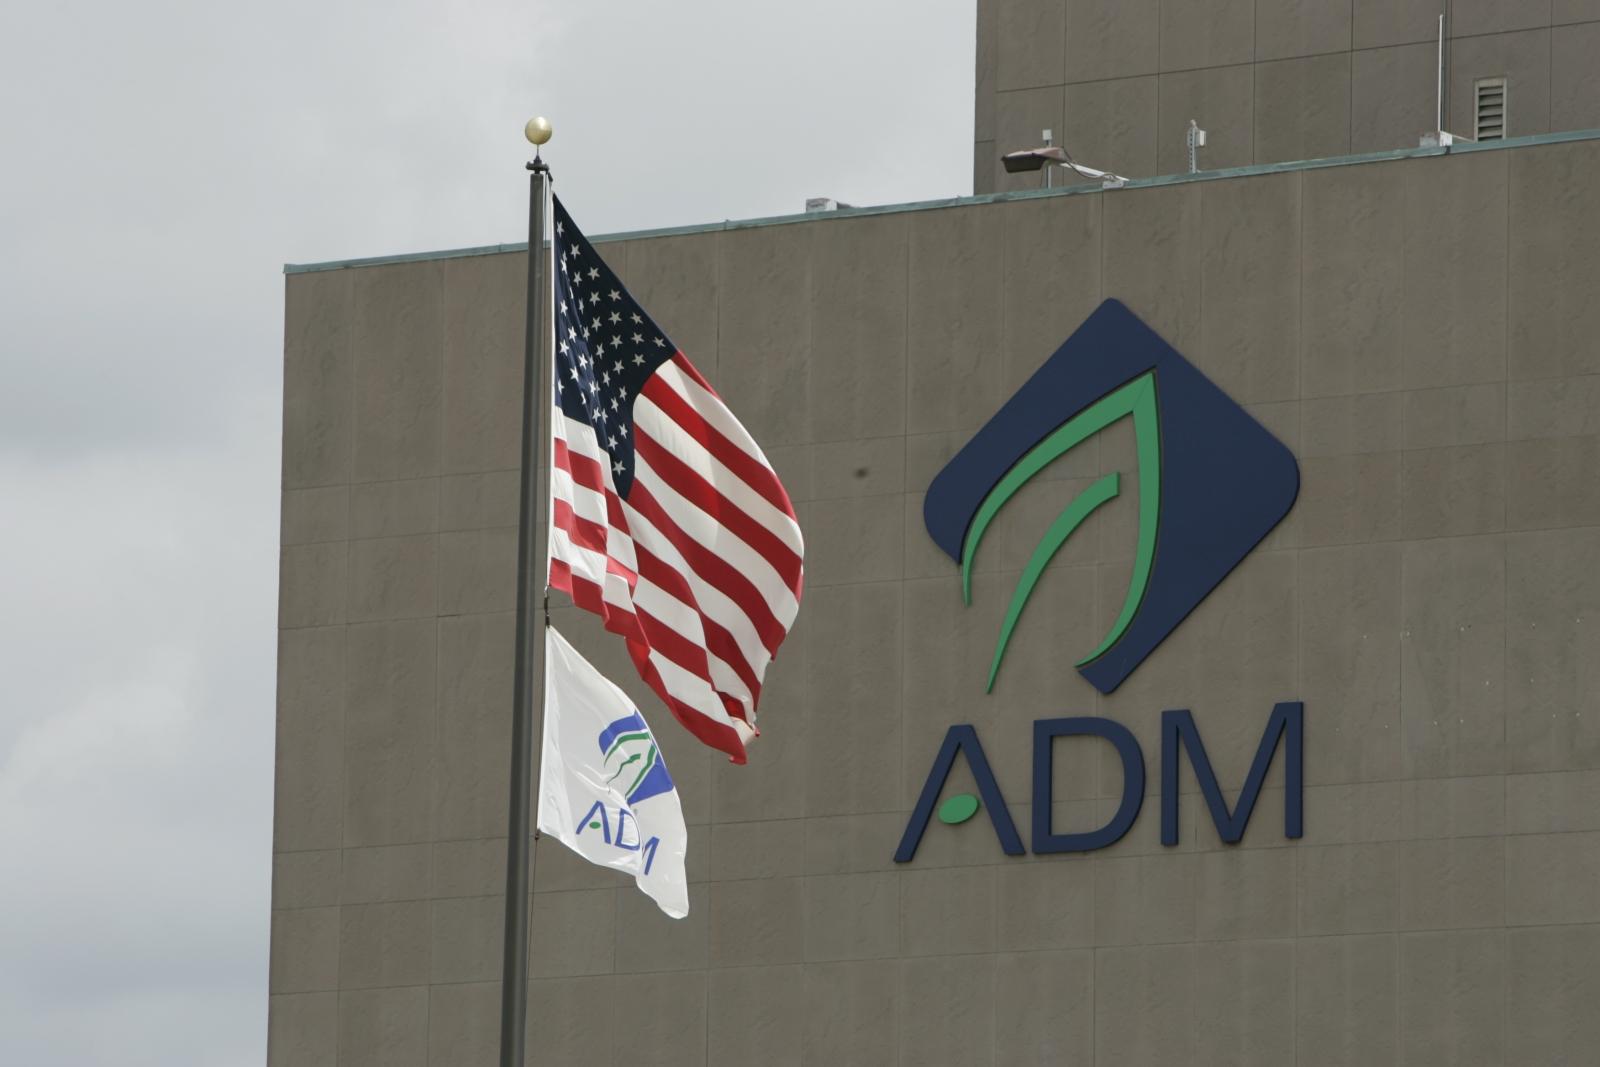 ADM corporate office in Decatur, Illinois